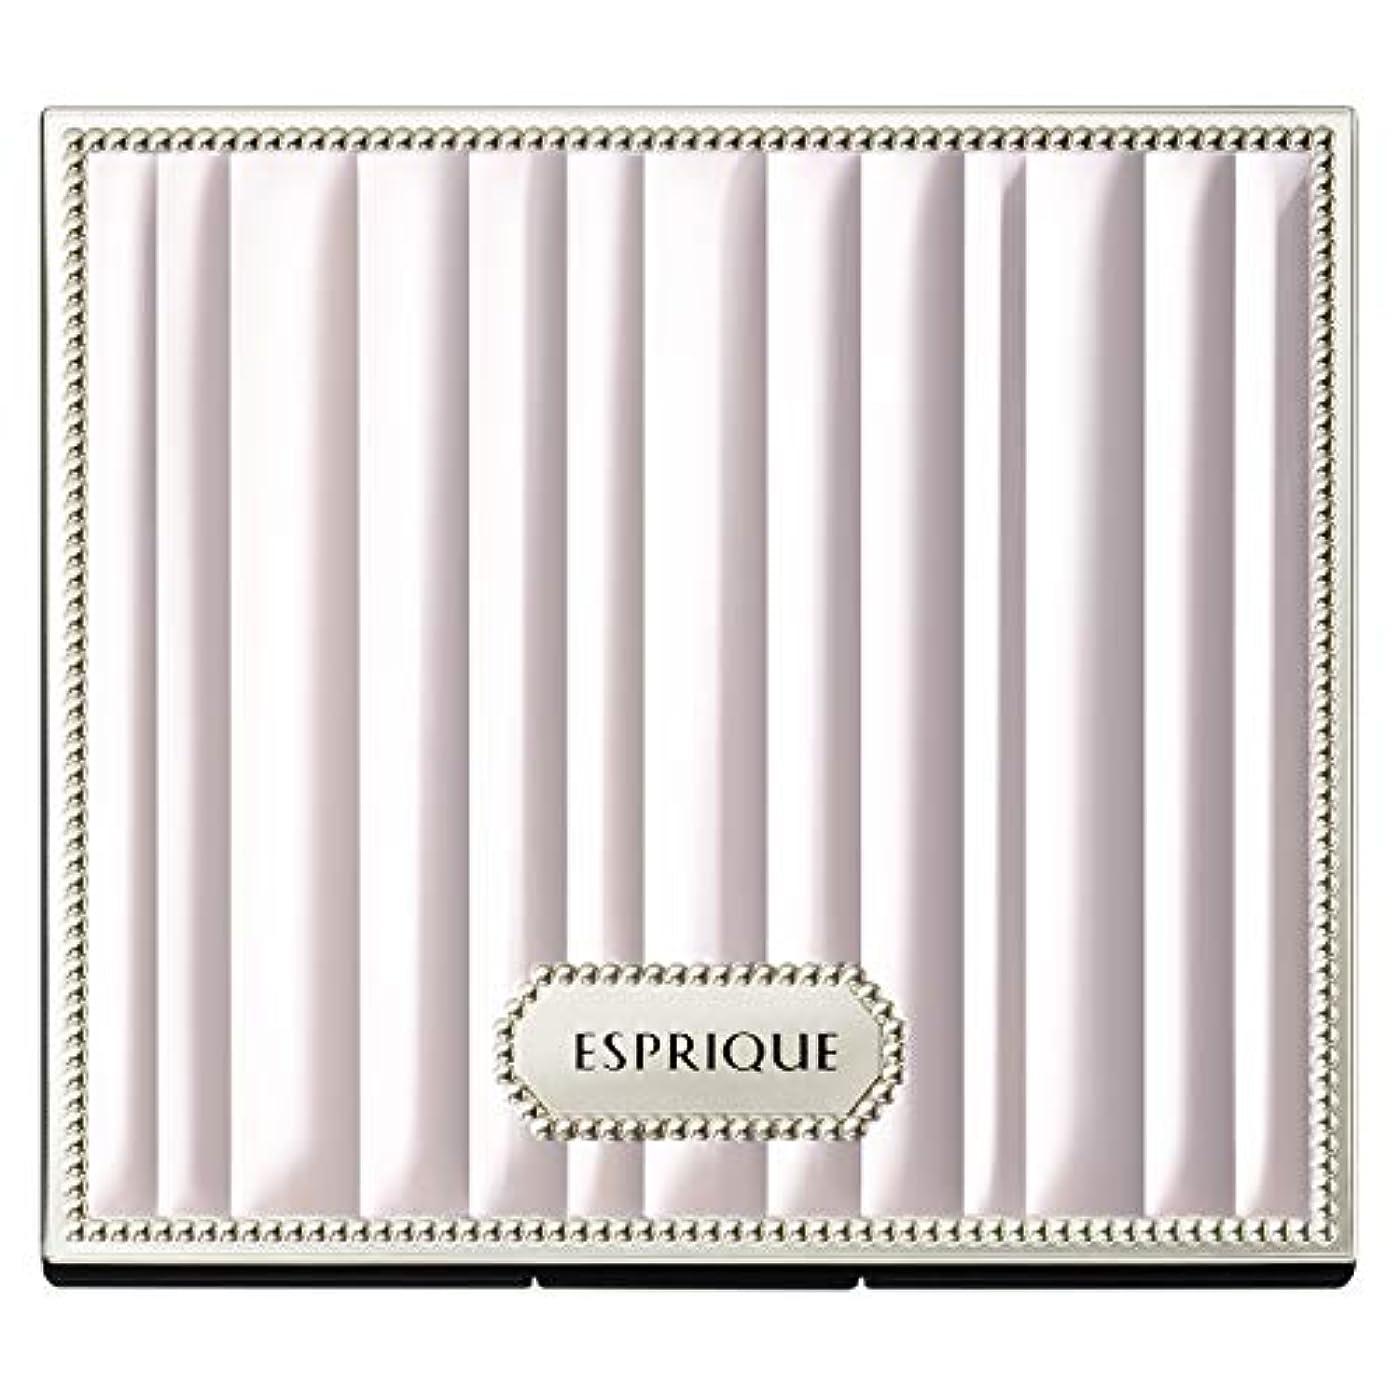 許可する告発者適性ESPRIQUE(エスプリーク) エスプリーク アイカラー ケース N 1個